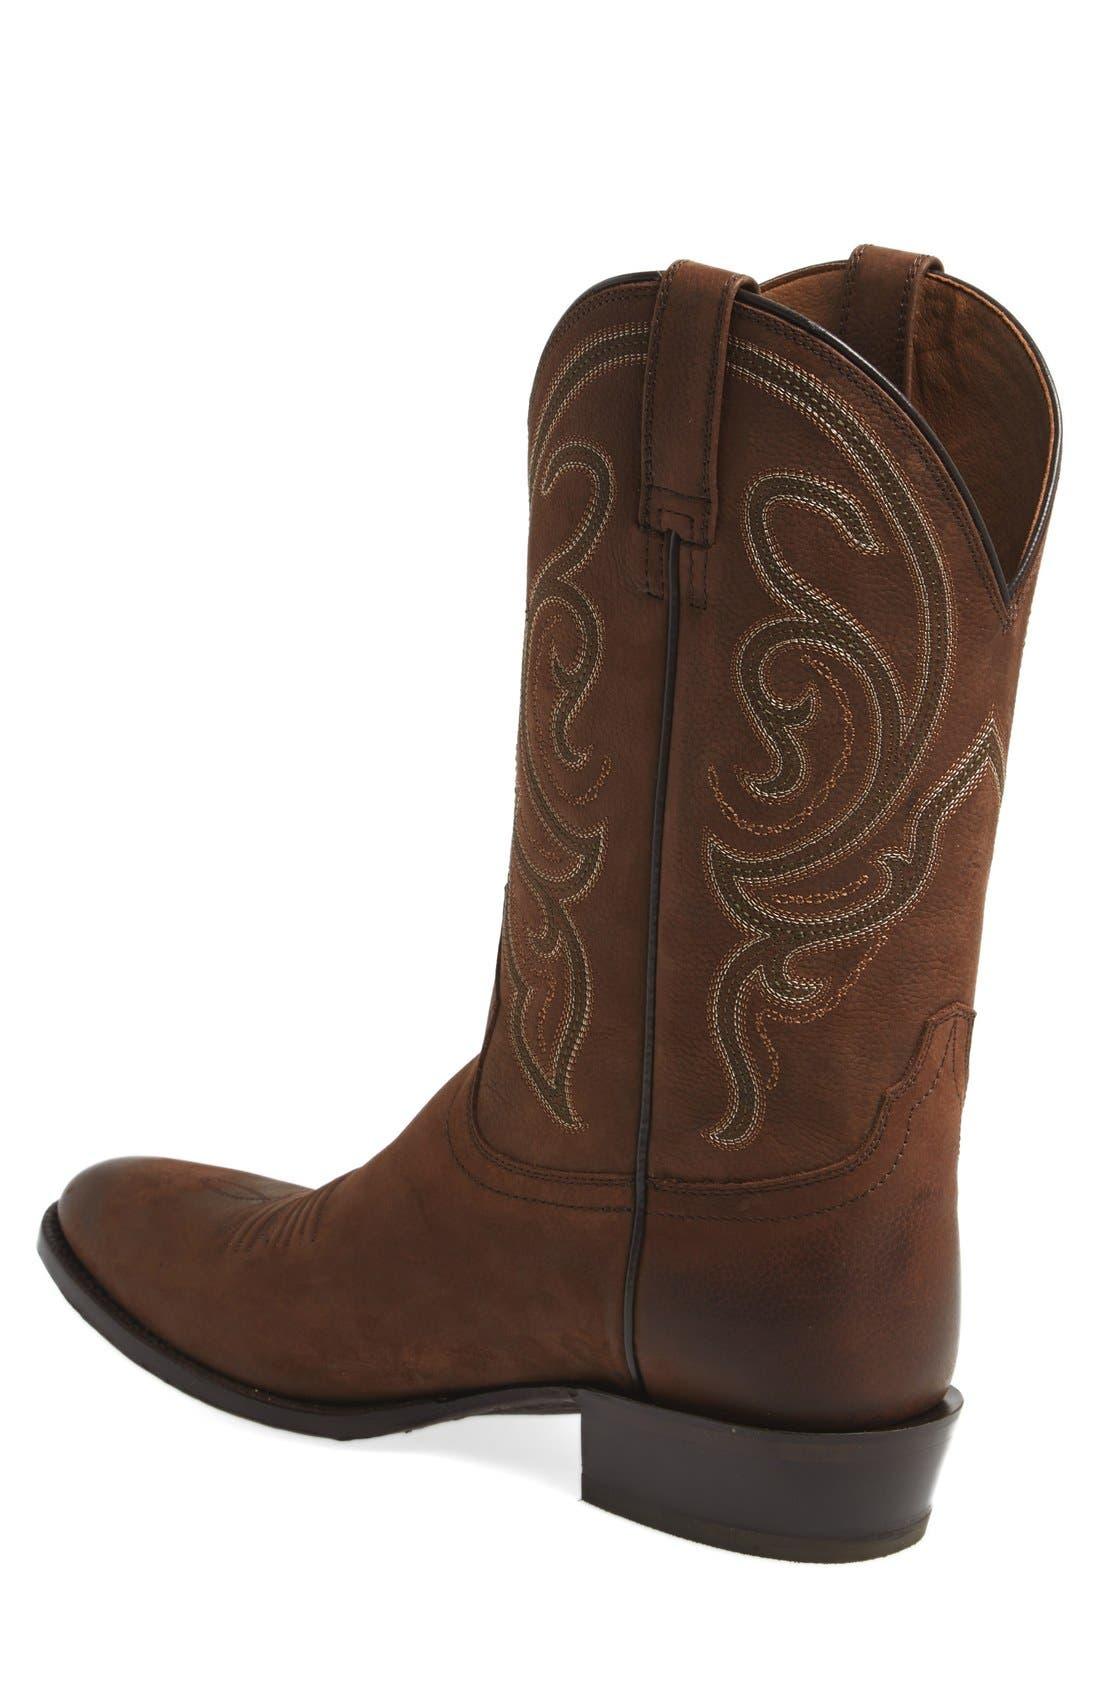 Alternate Image 2  - Ariat 'Bandera' Cowboy Boot (Men)